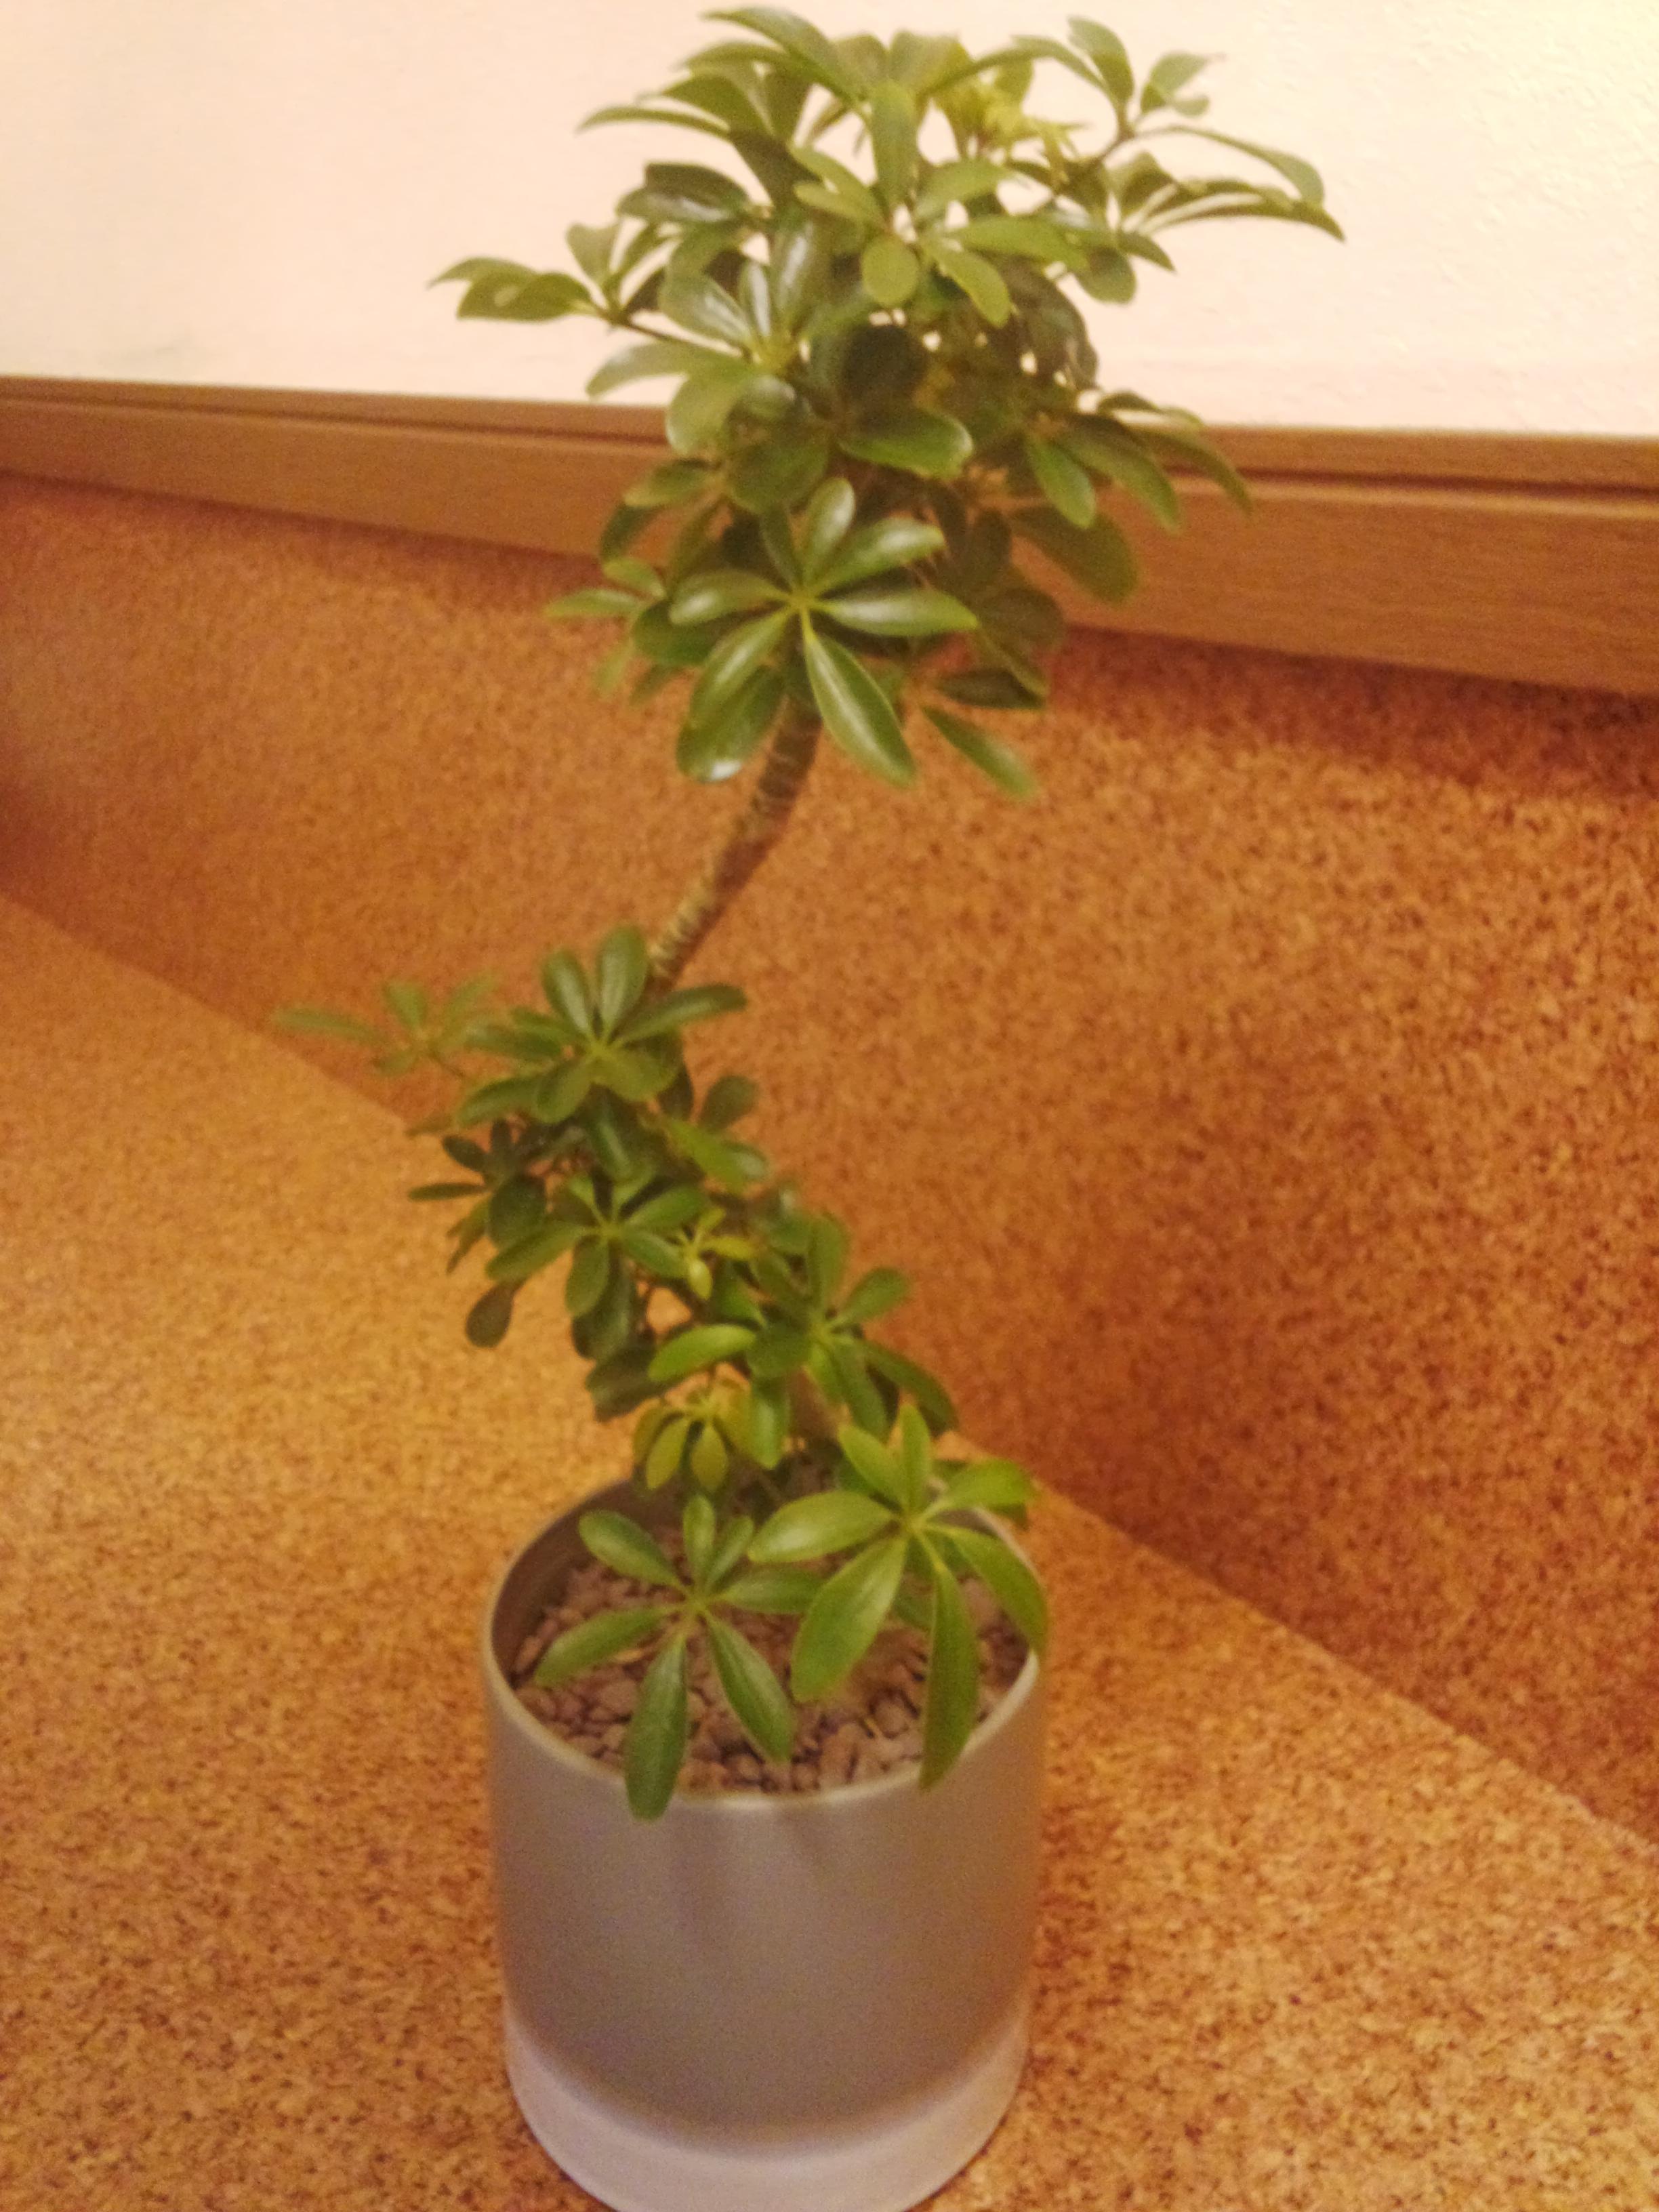 八木さんから頂いた観葉植物